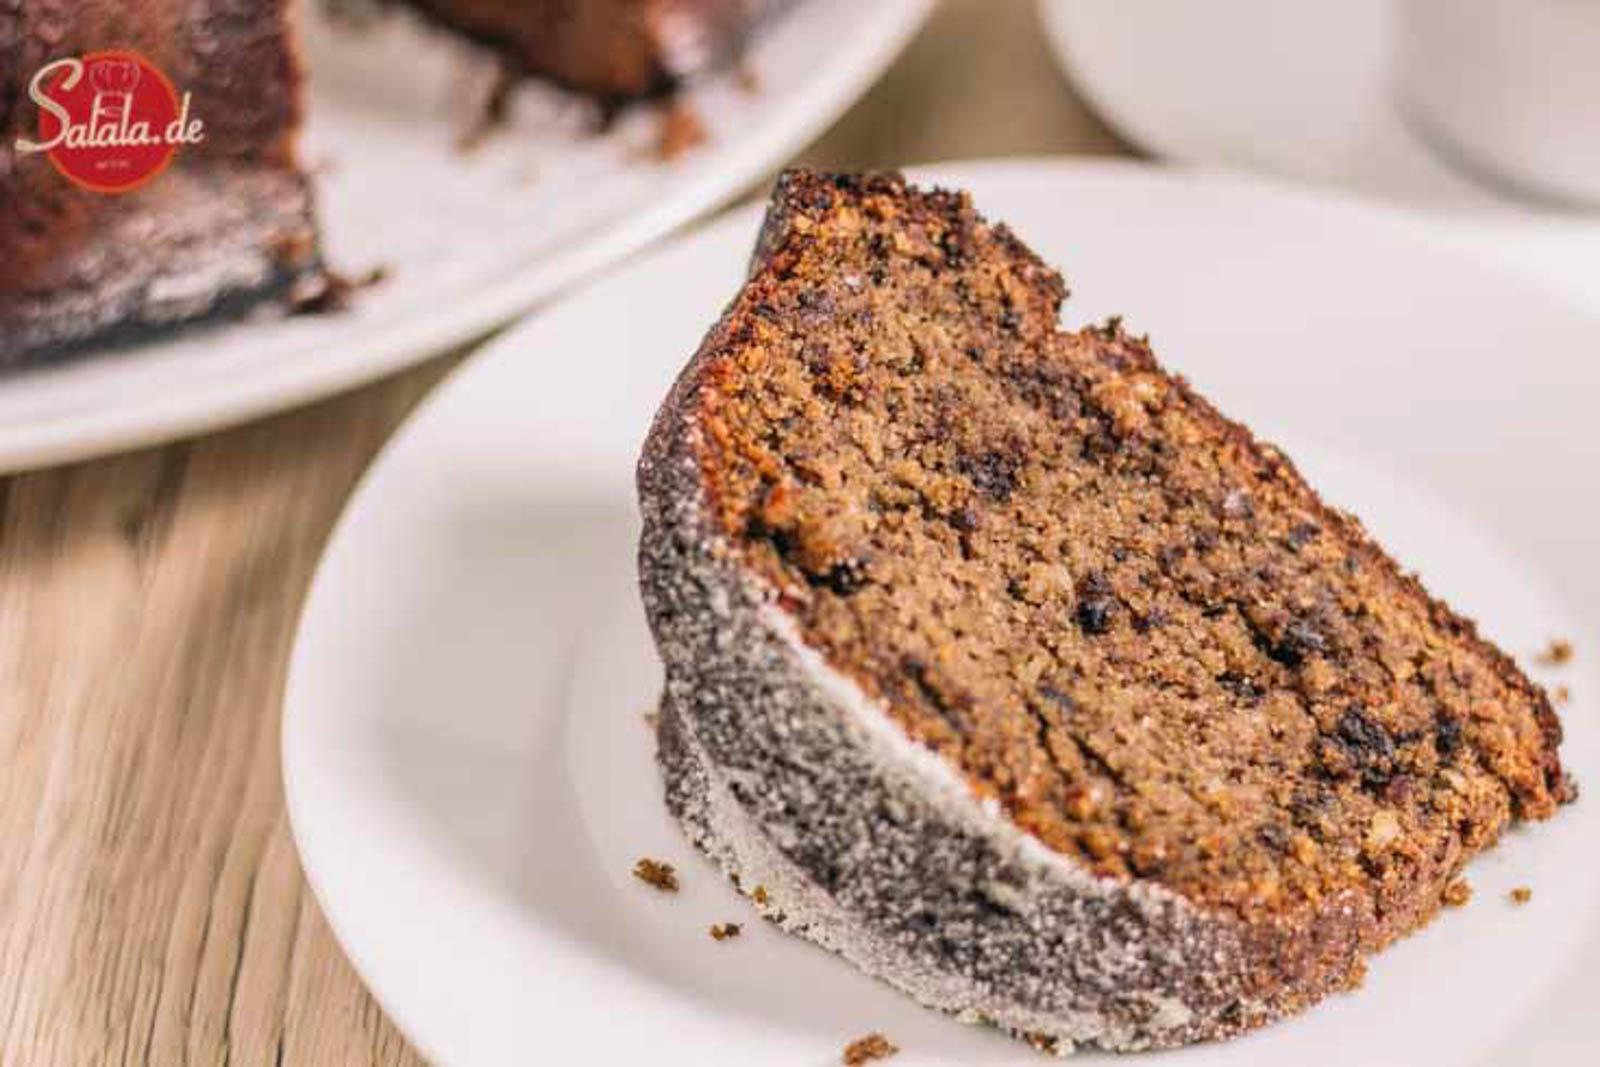 rotweinkuchen low carb ohne mehl ohne zucker glutefrei backen salala.de